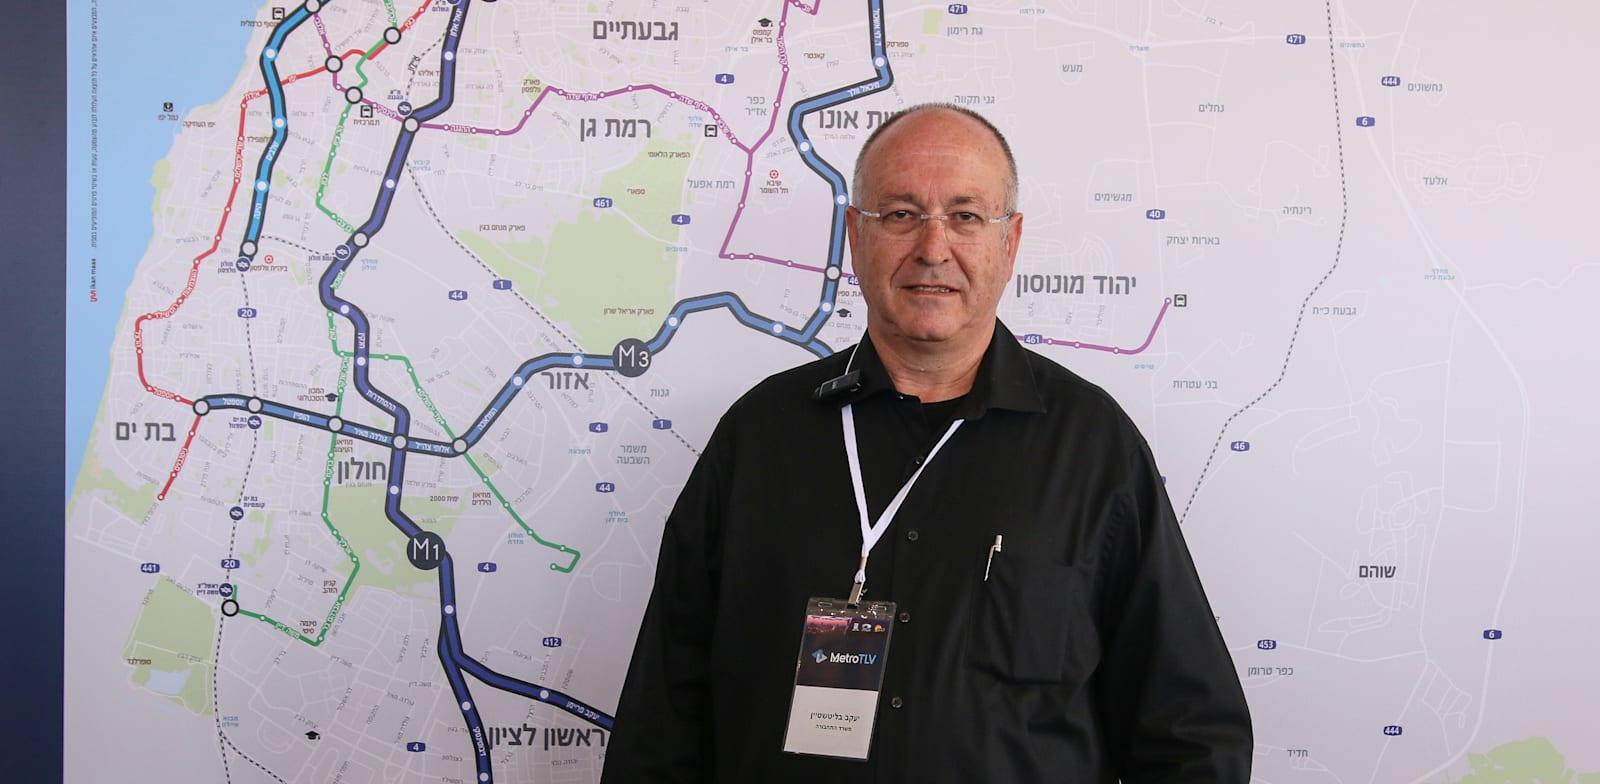 יעקב בליטשטיין / צילום: כדיה לוי